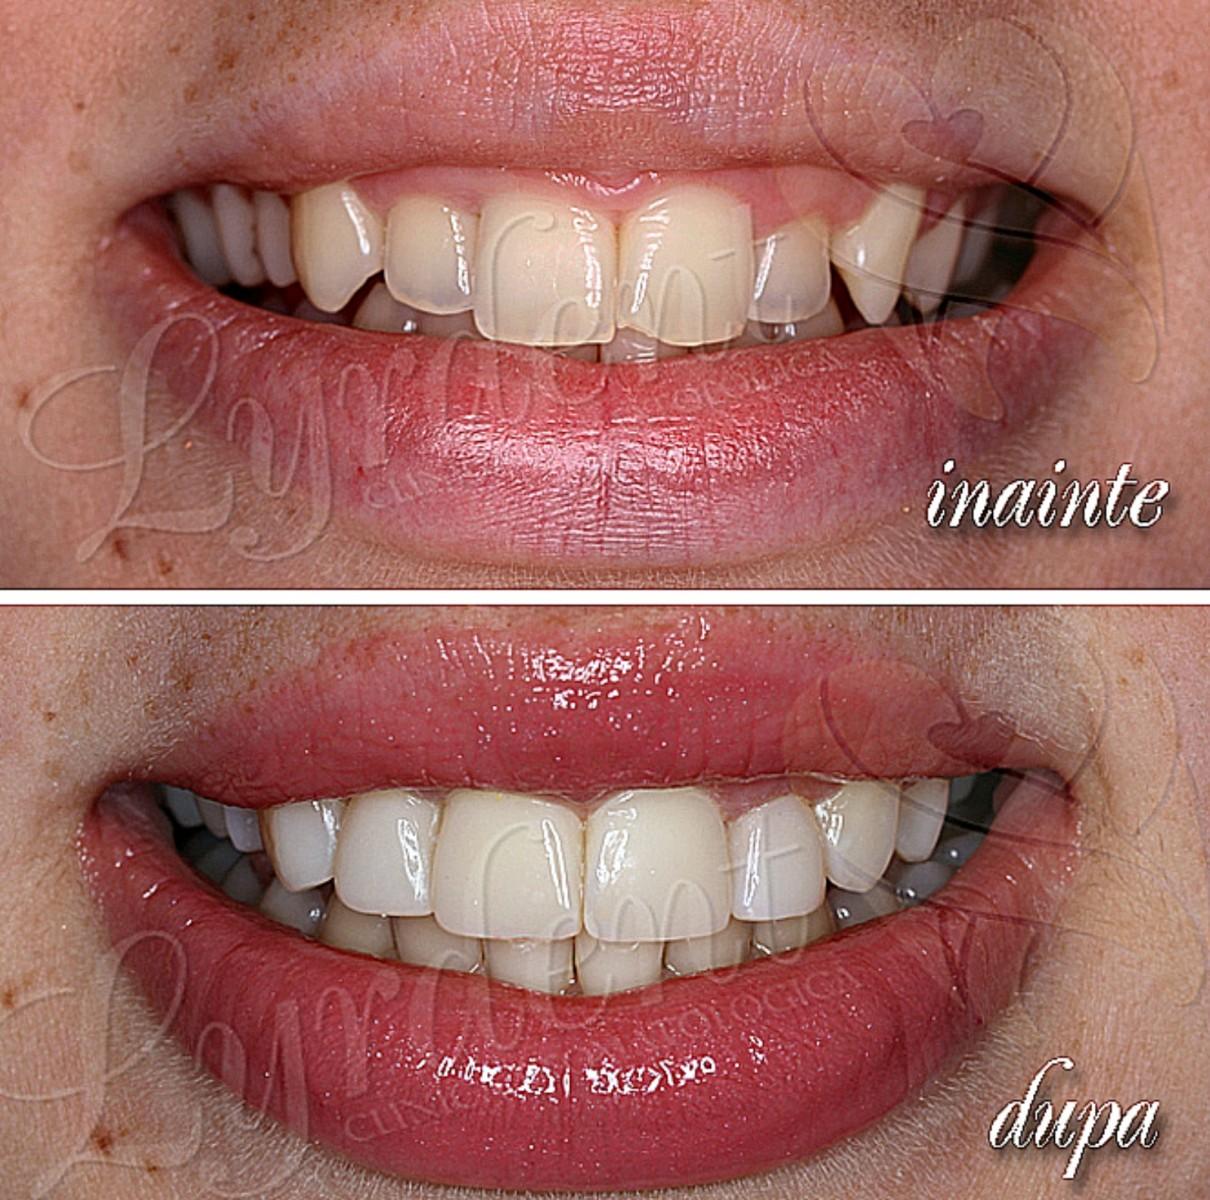 Fatete dentare din compozit Lyrdent Bucuresti - caz clinic Corina